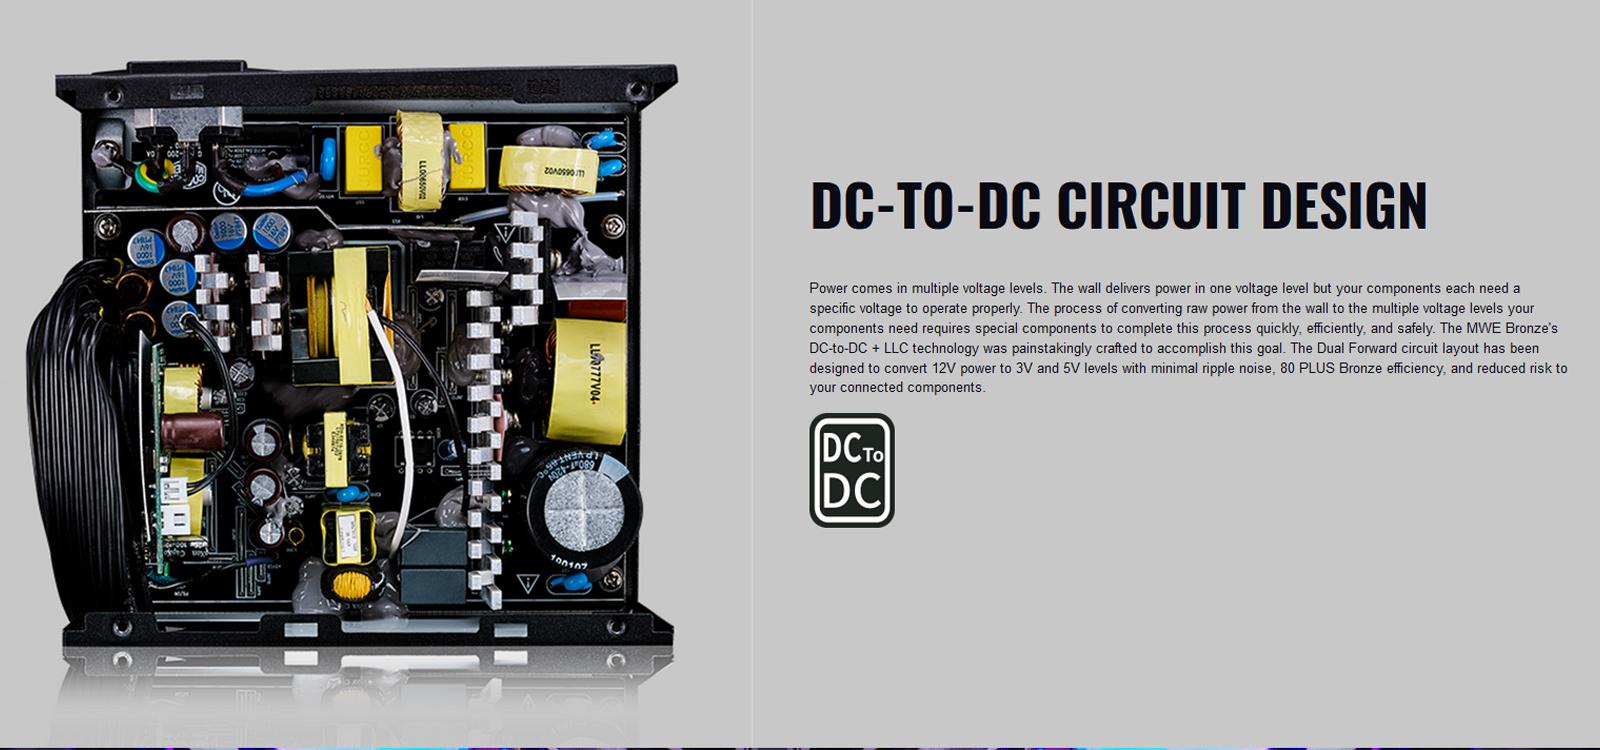 Nguồn máy tính Cooler Master MWE V2 230V 650 650W Plus Bronze (80 Plus Bronze/Màu Đen) với thiết kế mạch DC to DC